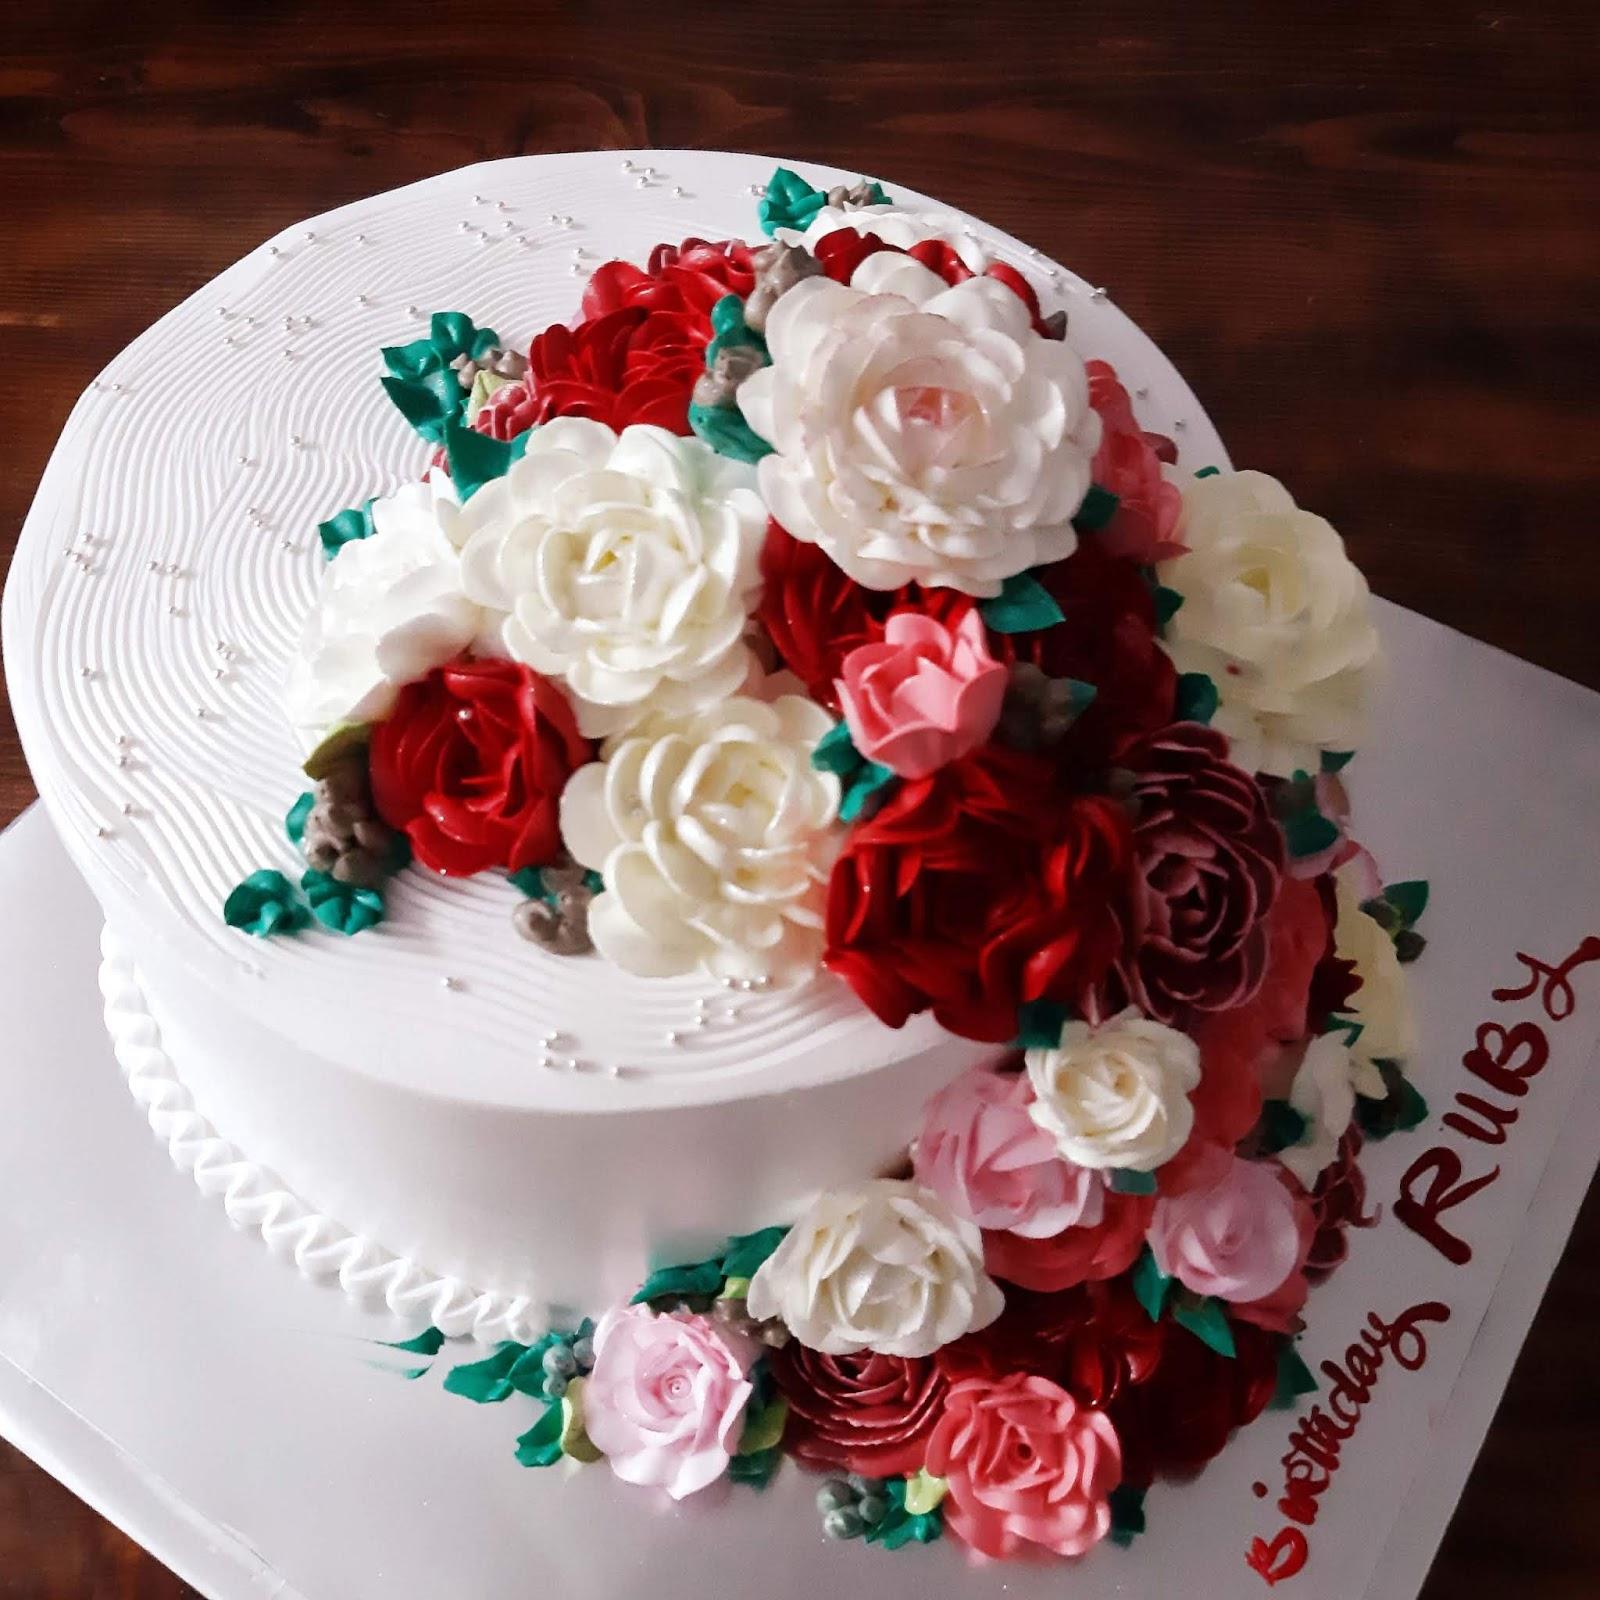 Bí quyết chọn địa chỉ bán bánh sinh nhật hcm hiệu quả